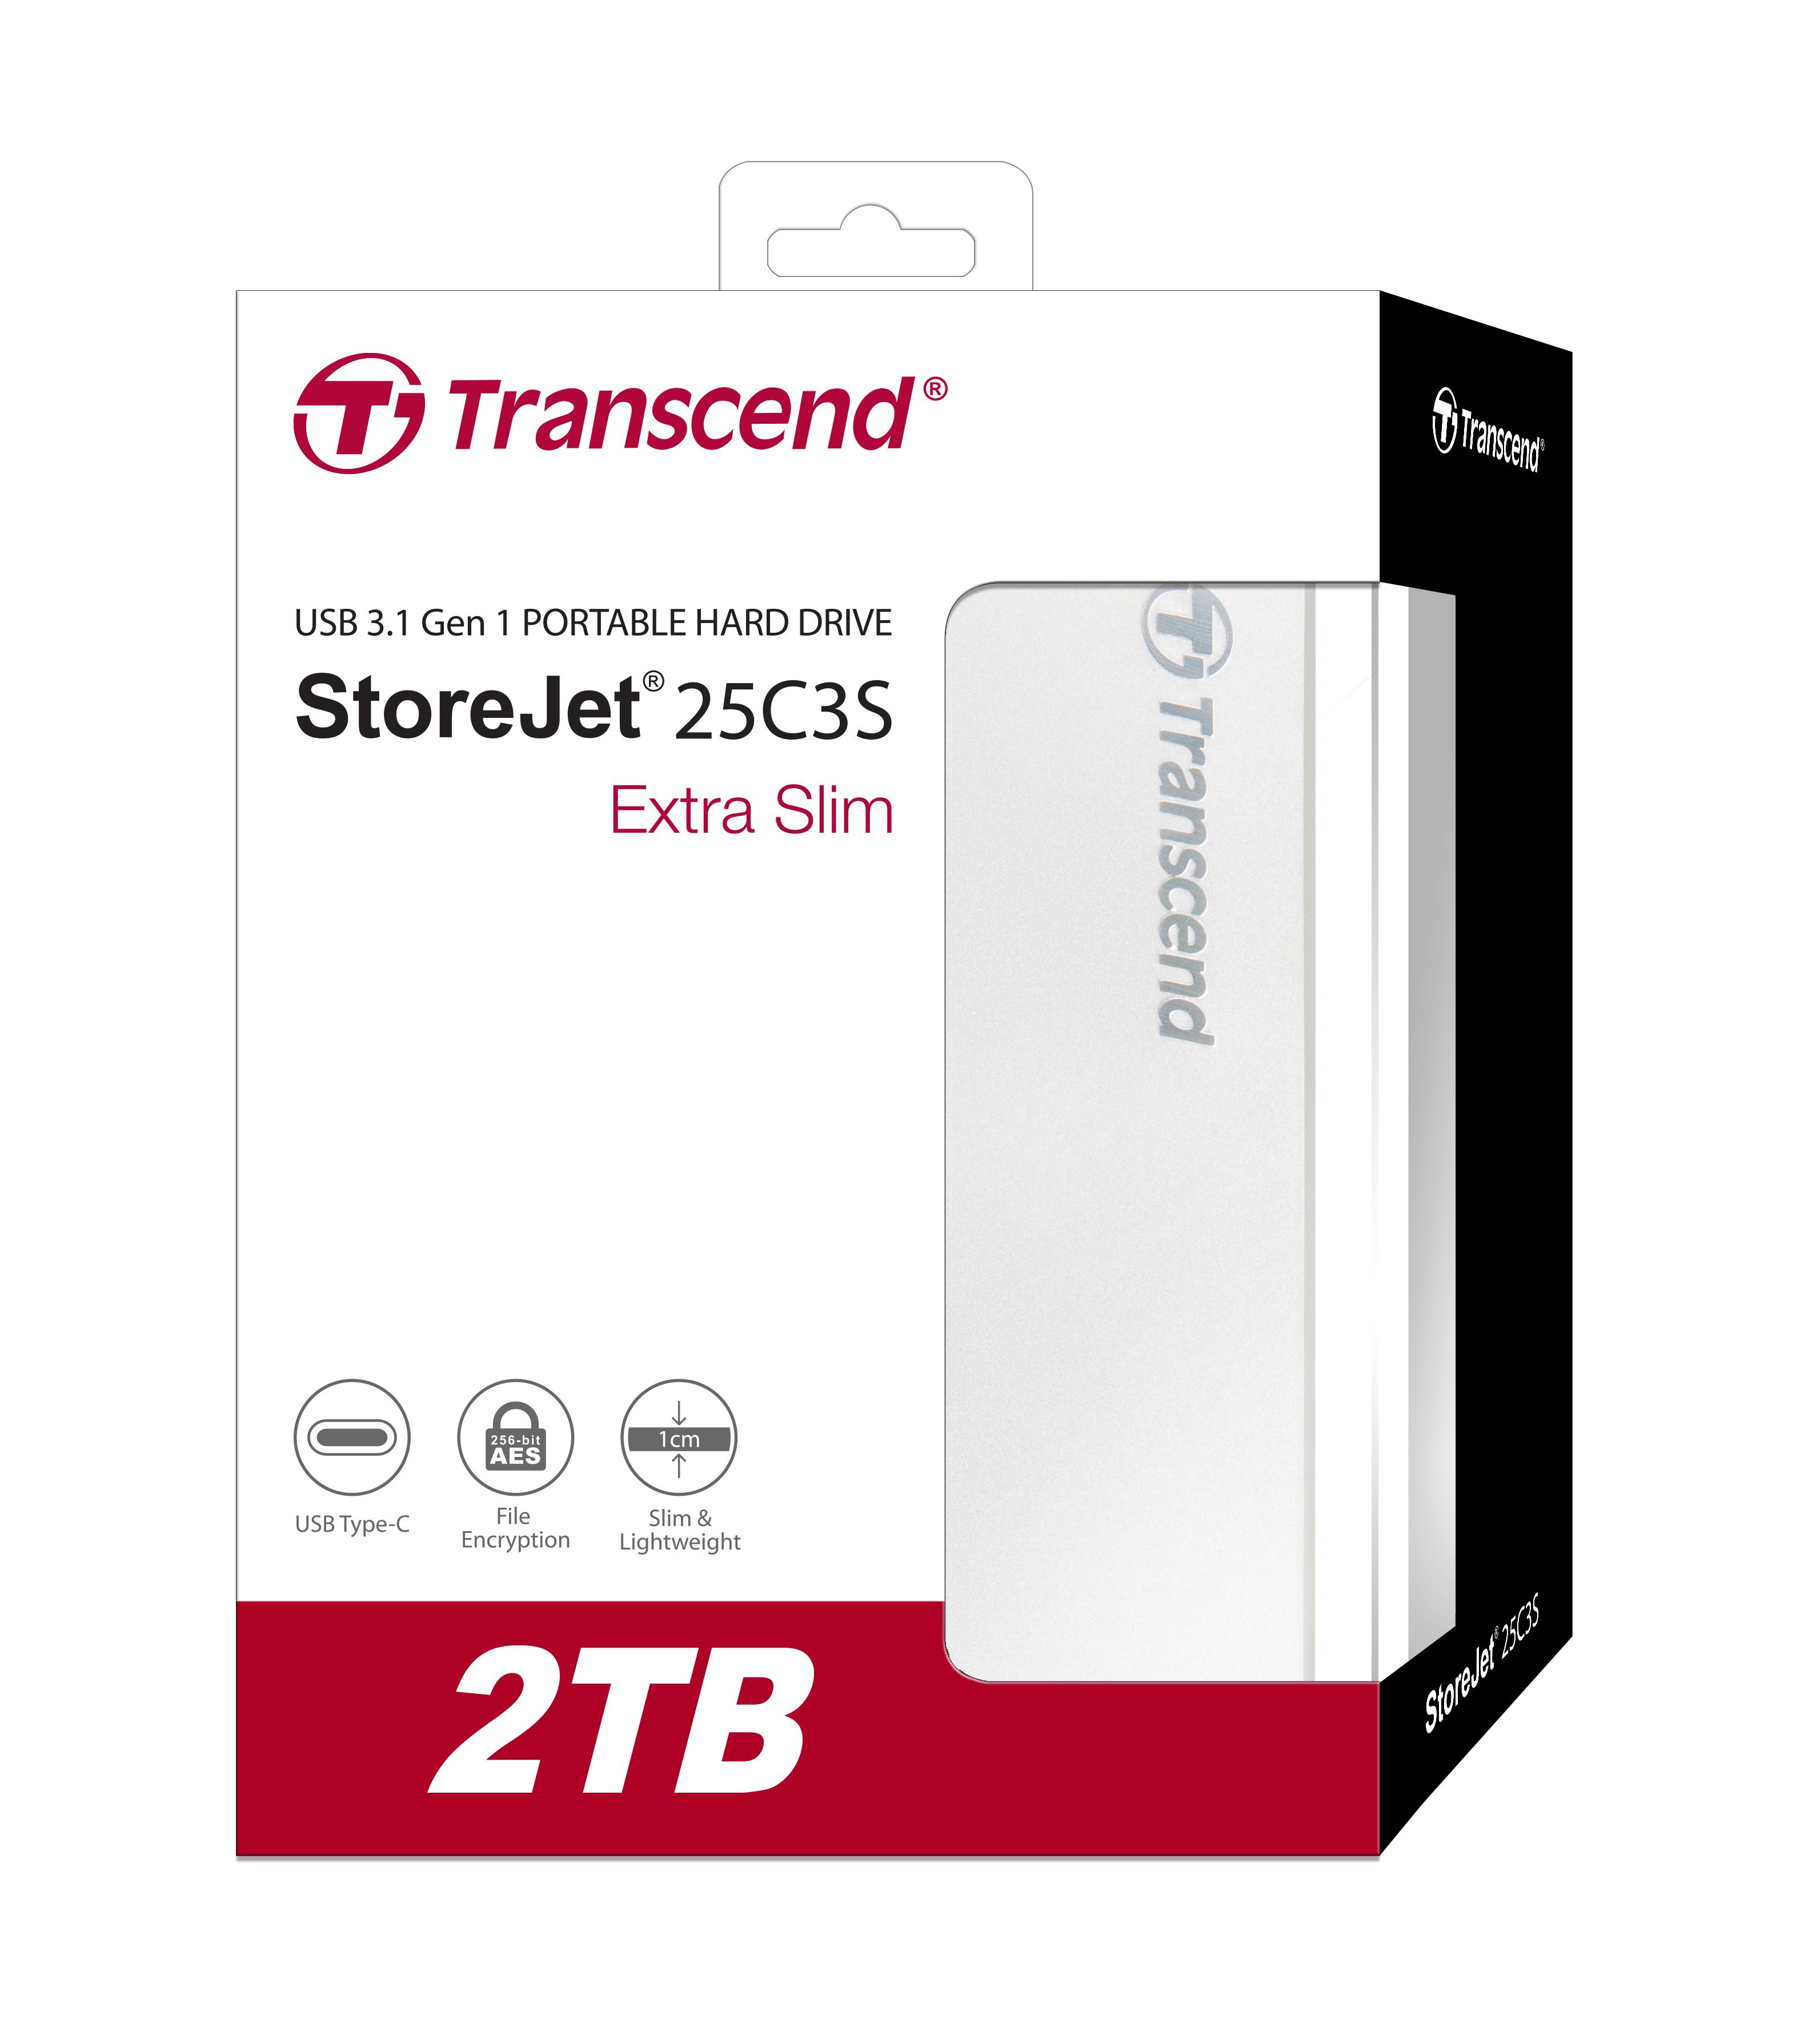 Ổ Cứng Di Động Transcend 2TB StoreJet C3S Extra Slim USB 3.1 - Hàng Chính Hãng